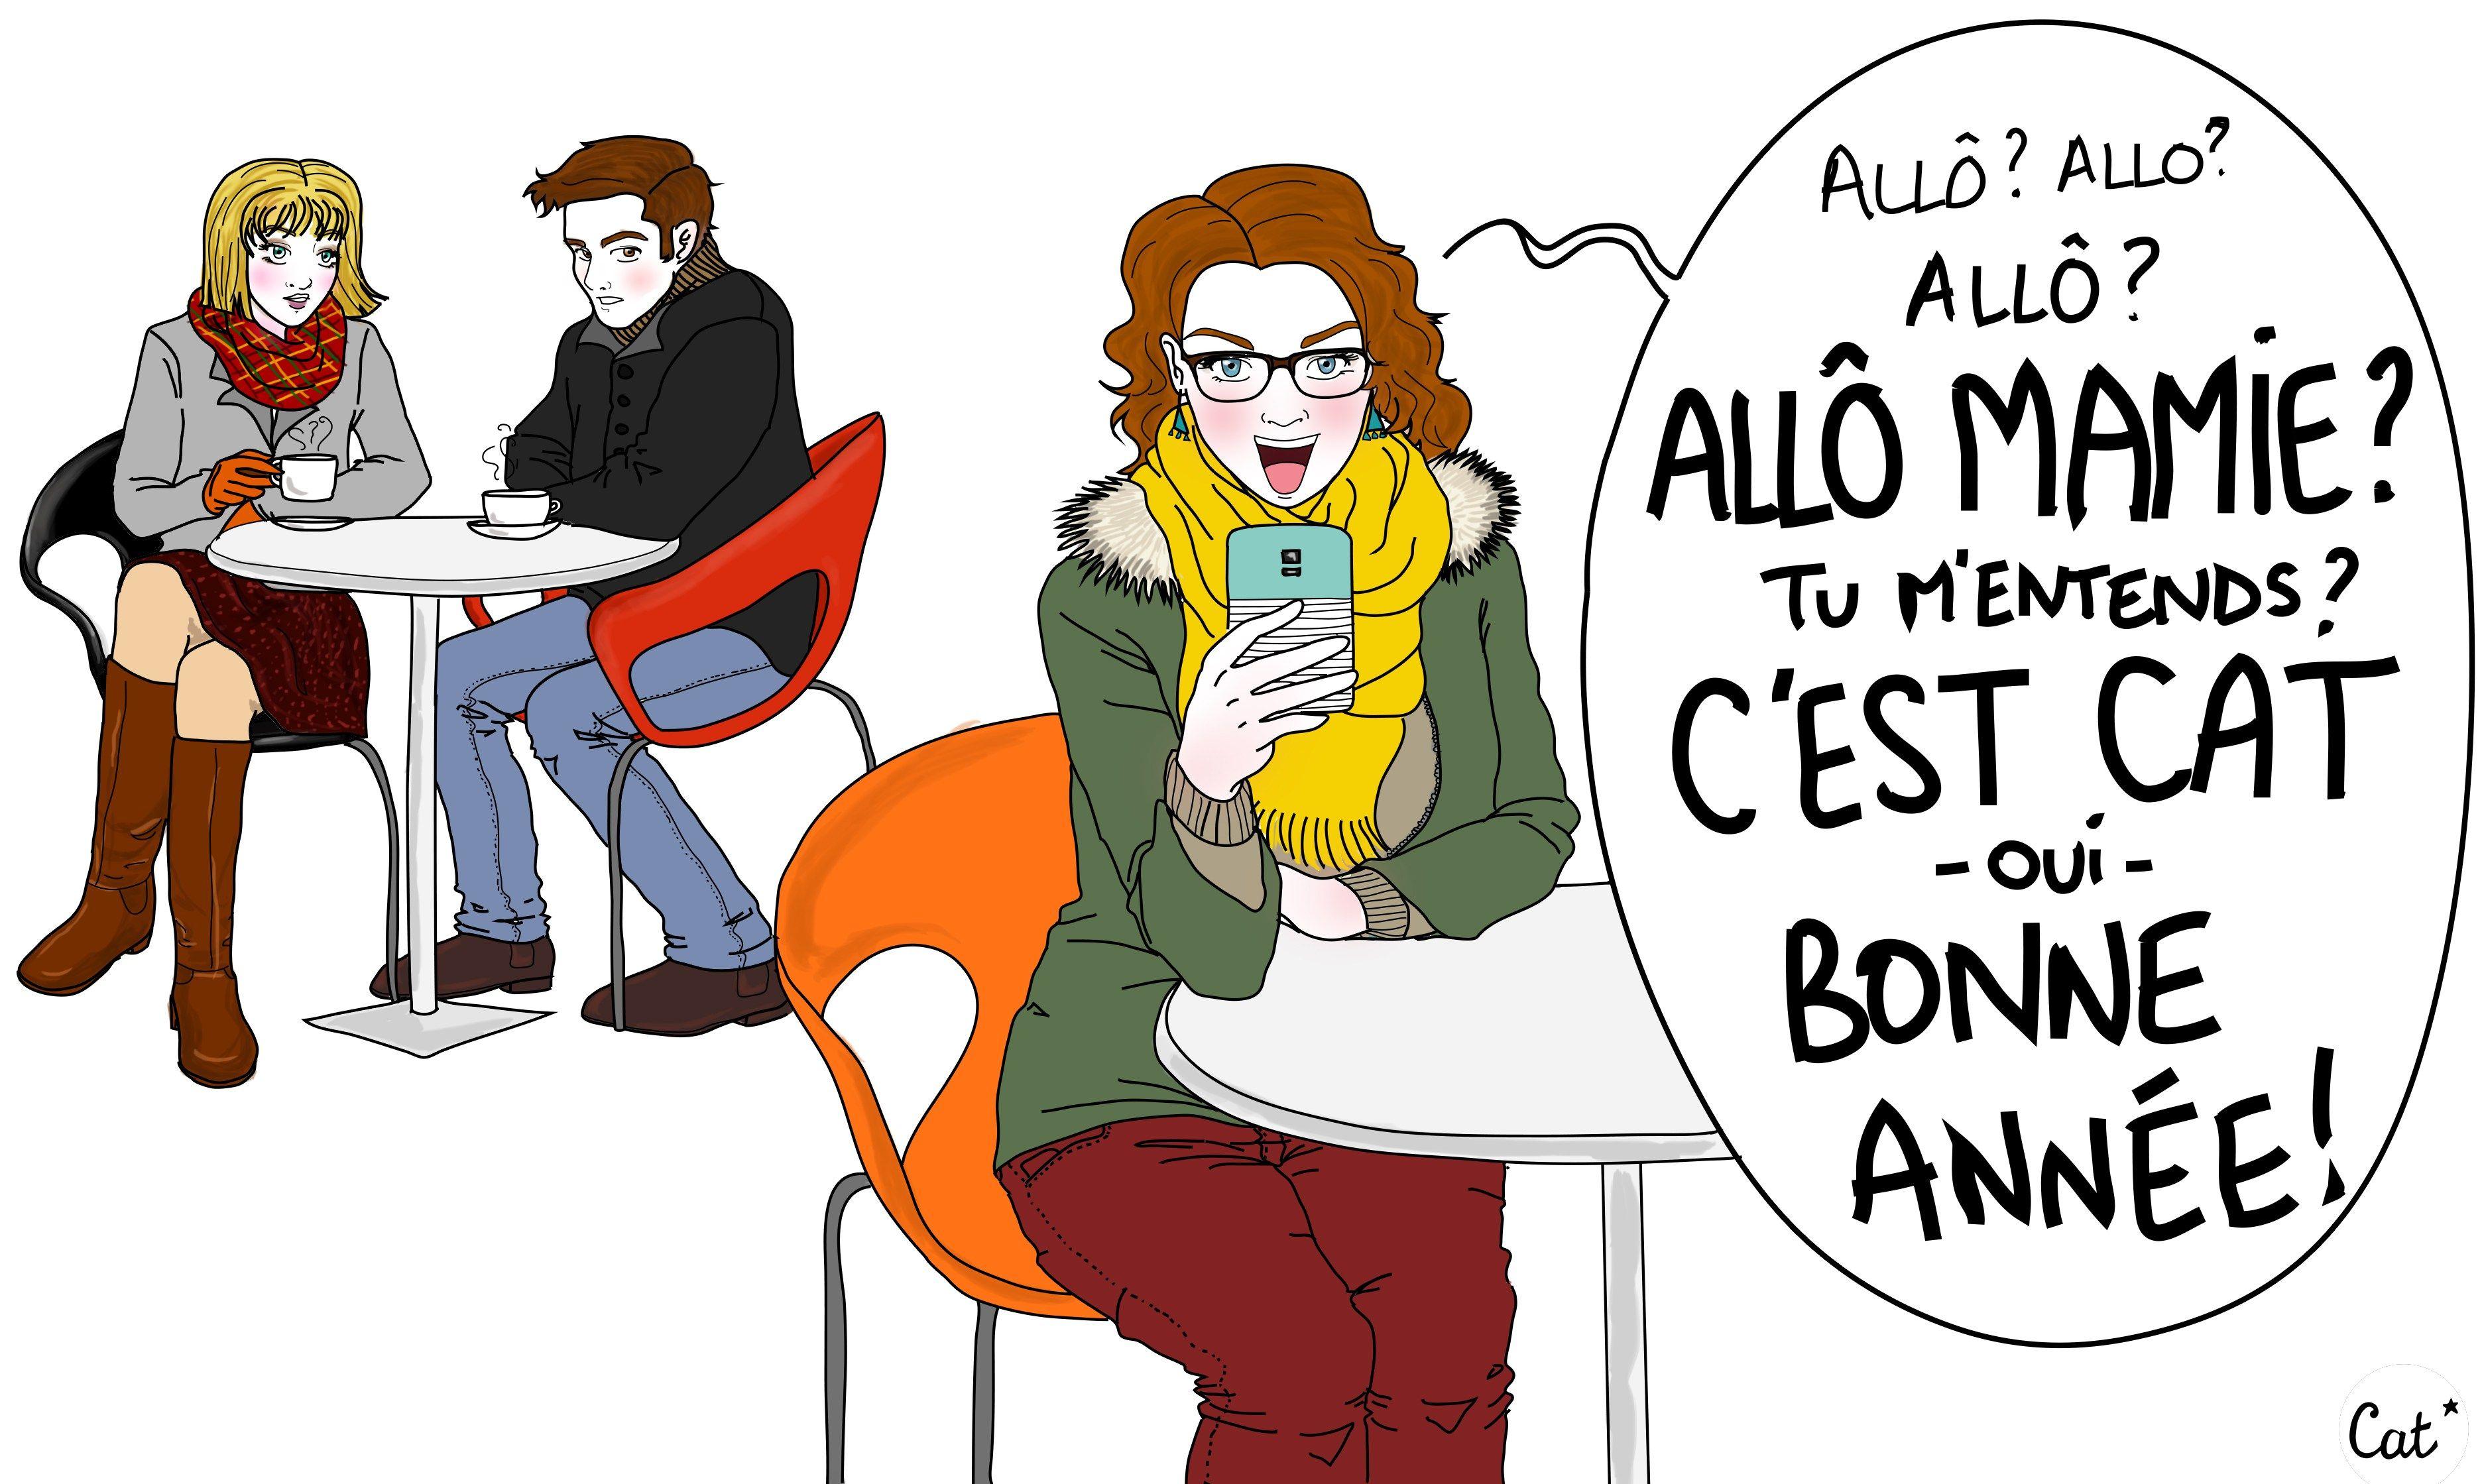 Bonne Annee Nouvel An Grand Parents Illustration Humour Dessin Telephone Smartphone Humour Citation Humour Drole